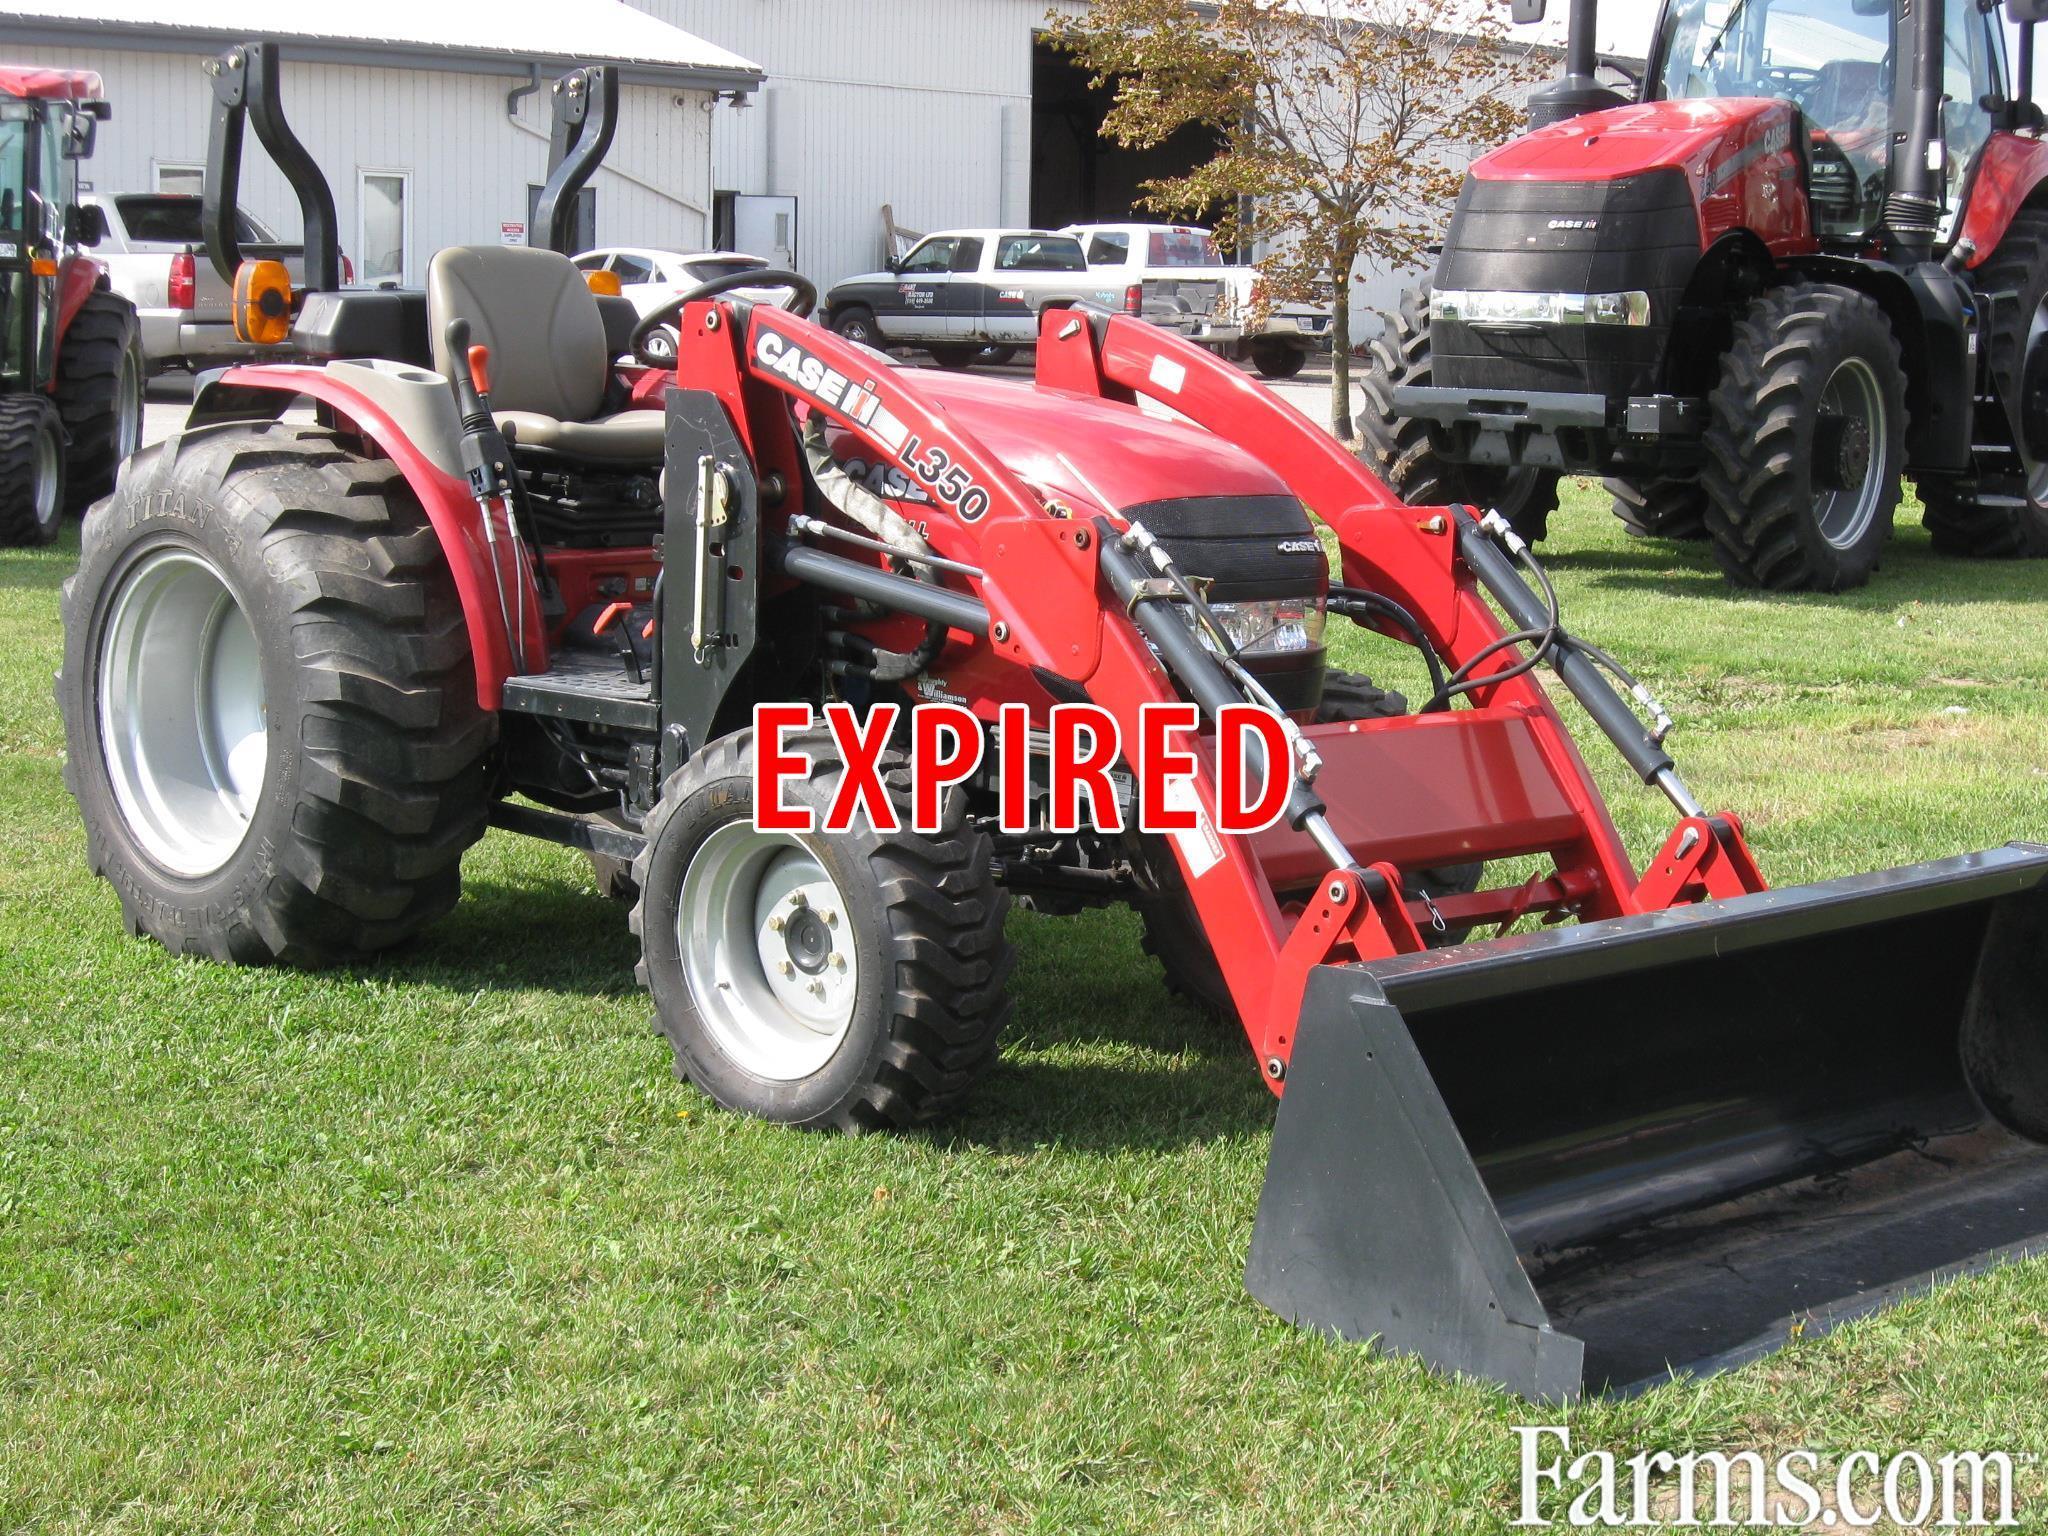 Farmall Compact Tractors For Sale : Cih farmall b compact tractor for sale farms